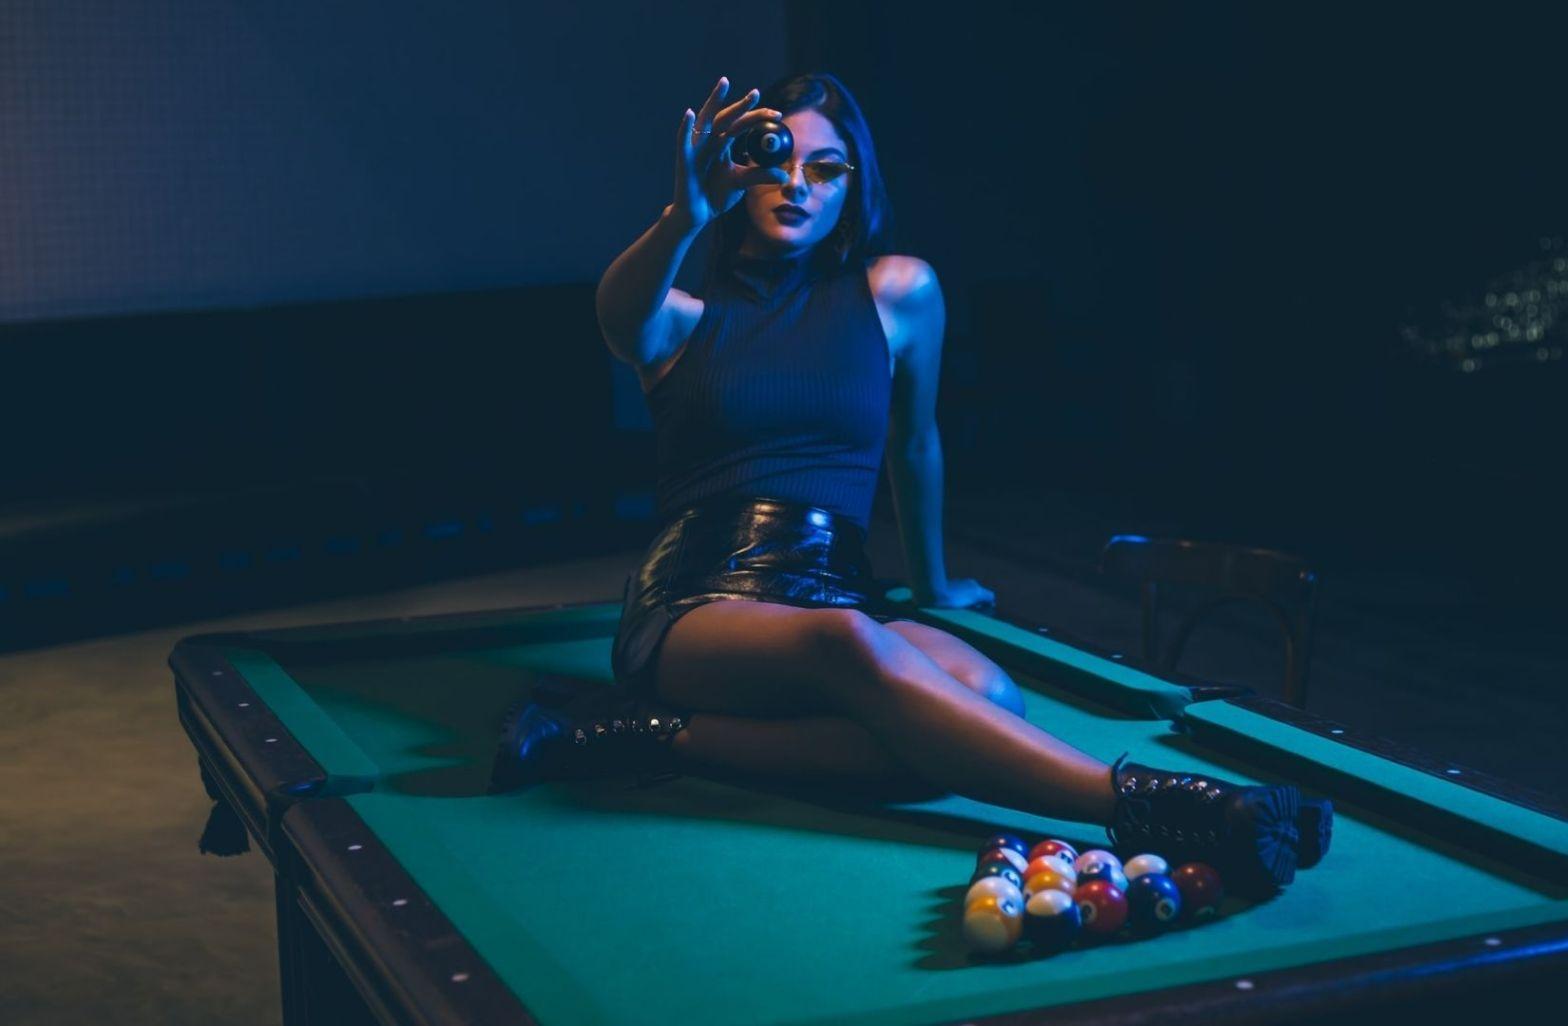 Eine Frau mit der schwarzen Kugel auf einem Billiardtisch. (Foto: Cleyton Ewerton, Unsplash.com)